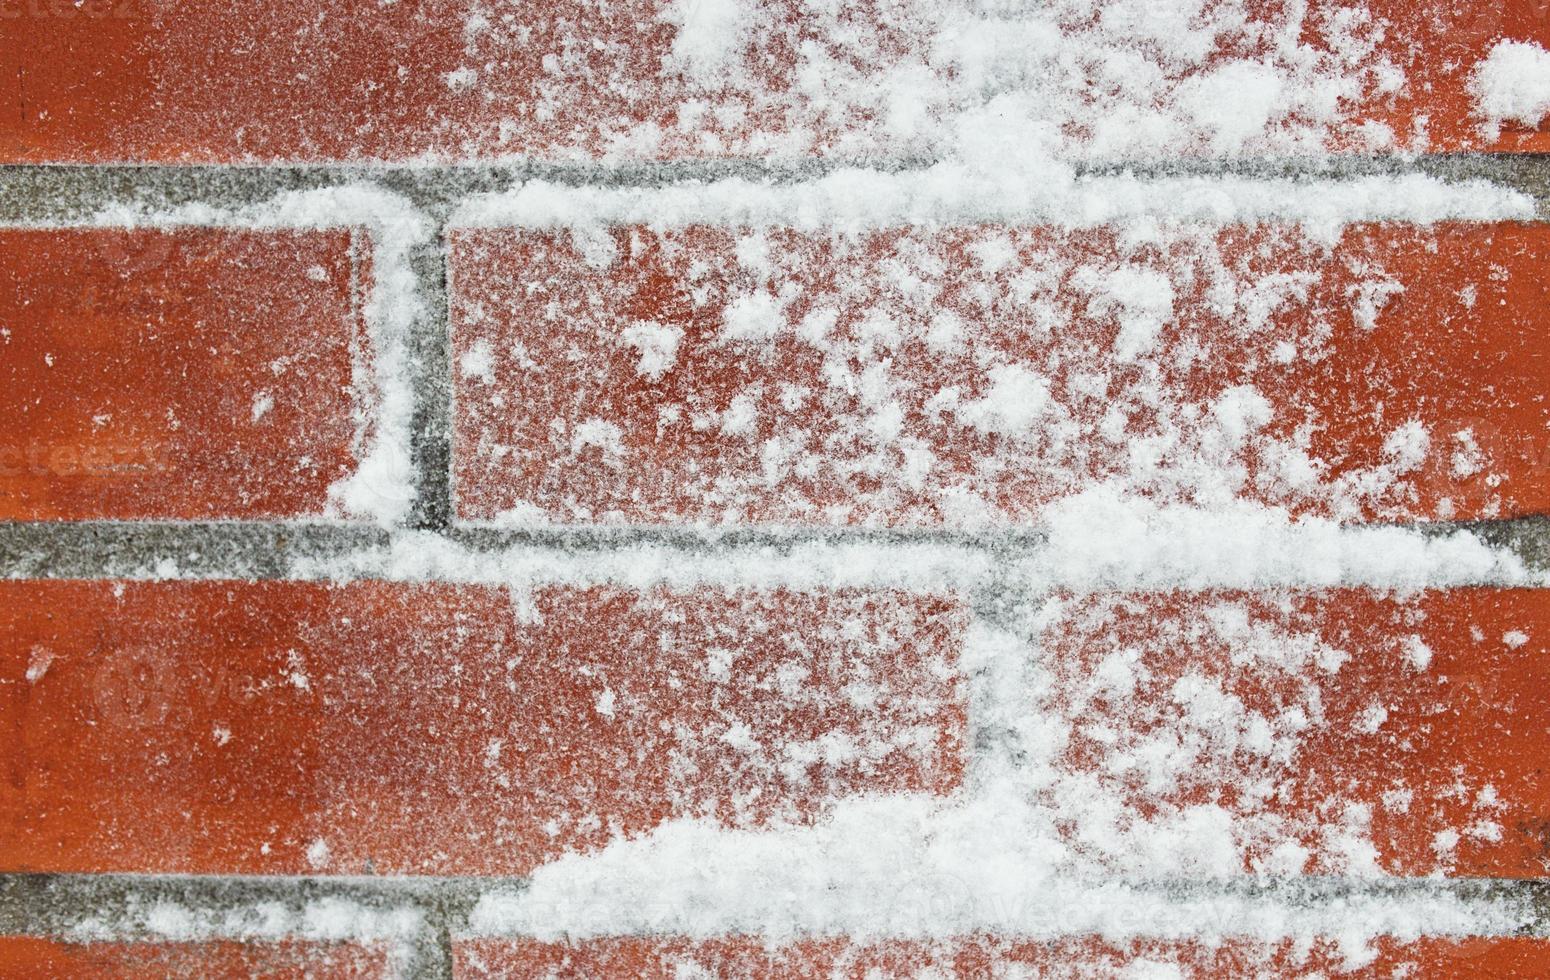 besneeuwde bakstenen muur close-up foto